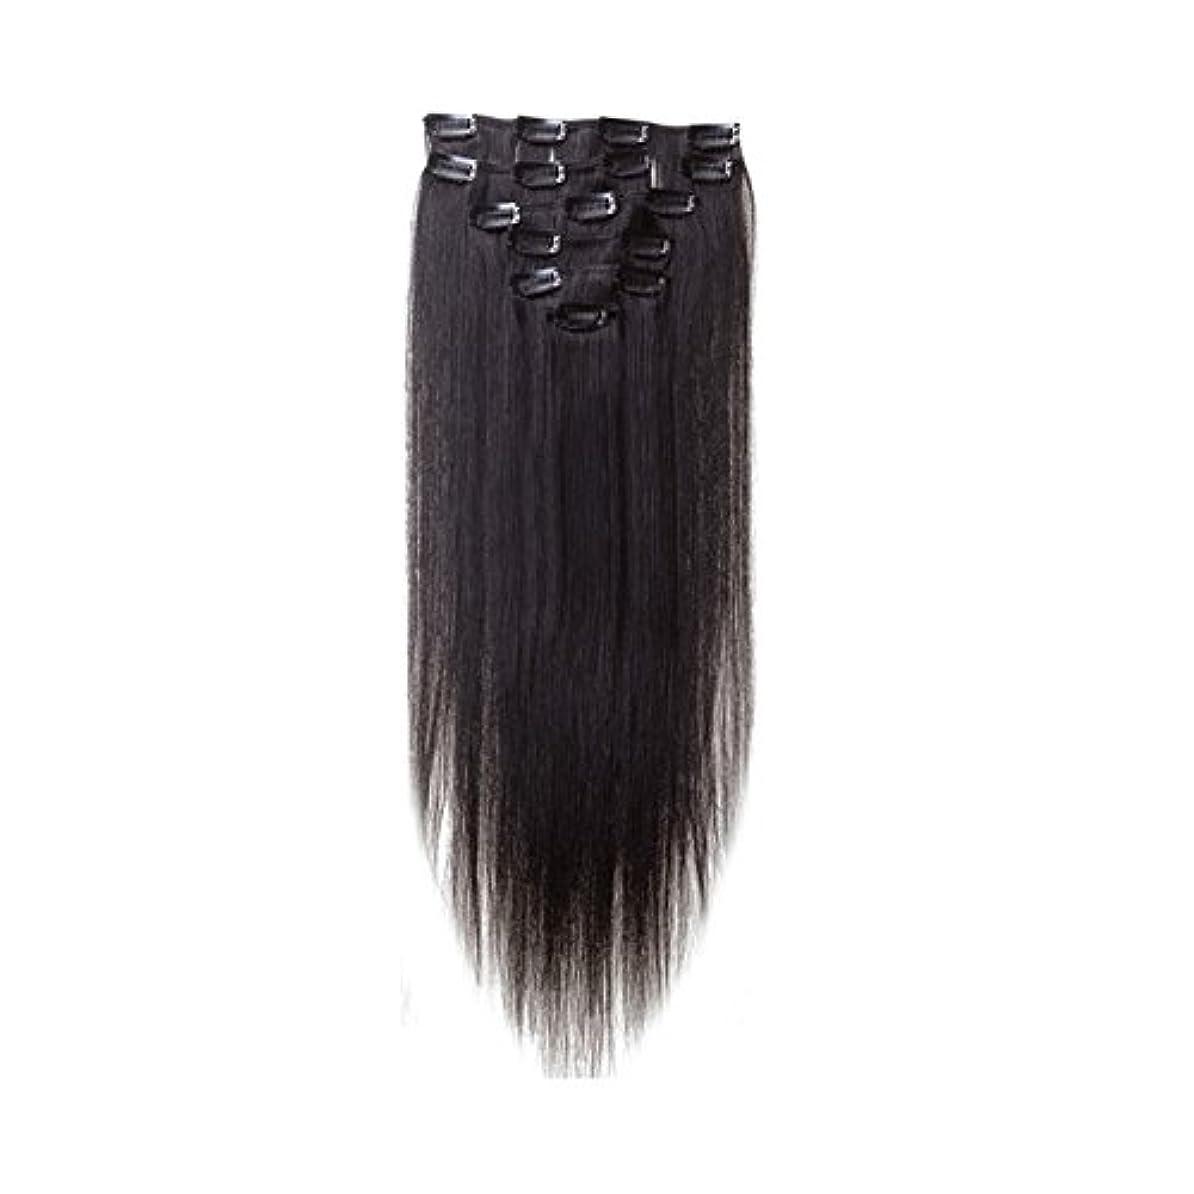 おなじみの徴収首ヘアエクステンション,SODIAL(R) 女性の人間の髪 クリップインヘアエクステンション 7件 70g 22インチ ナチュラルブラック